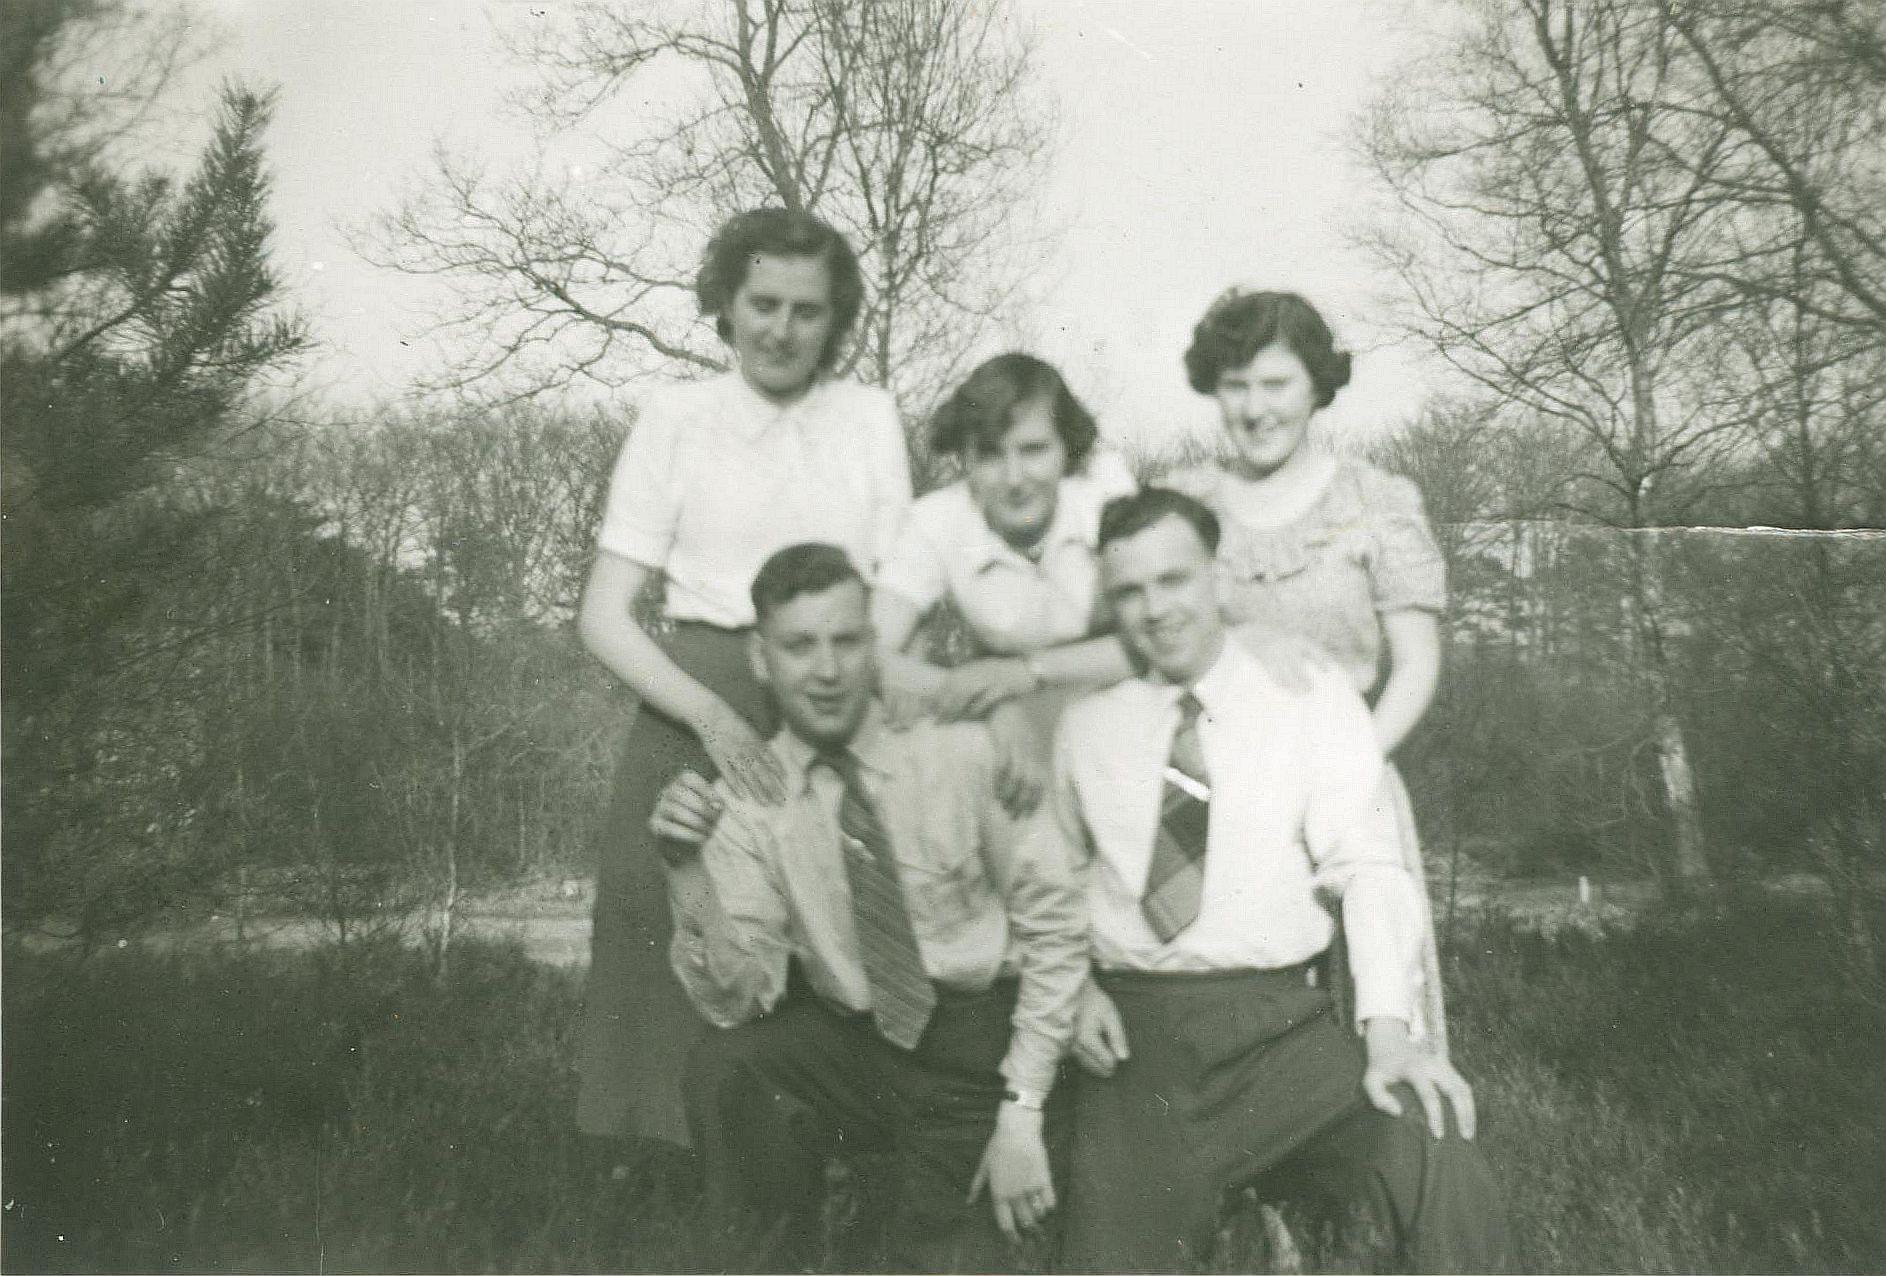 Wilhelmina Gijsberta Gaasbeek (1929-2015), Gijsberta Bernardina Gaasbeek, Geertruida Elisabeth Brouwer, Johannes Pieter Brouwer (1929-2012), Nicolaas van Munster (1922-2006)